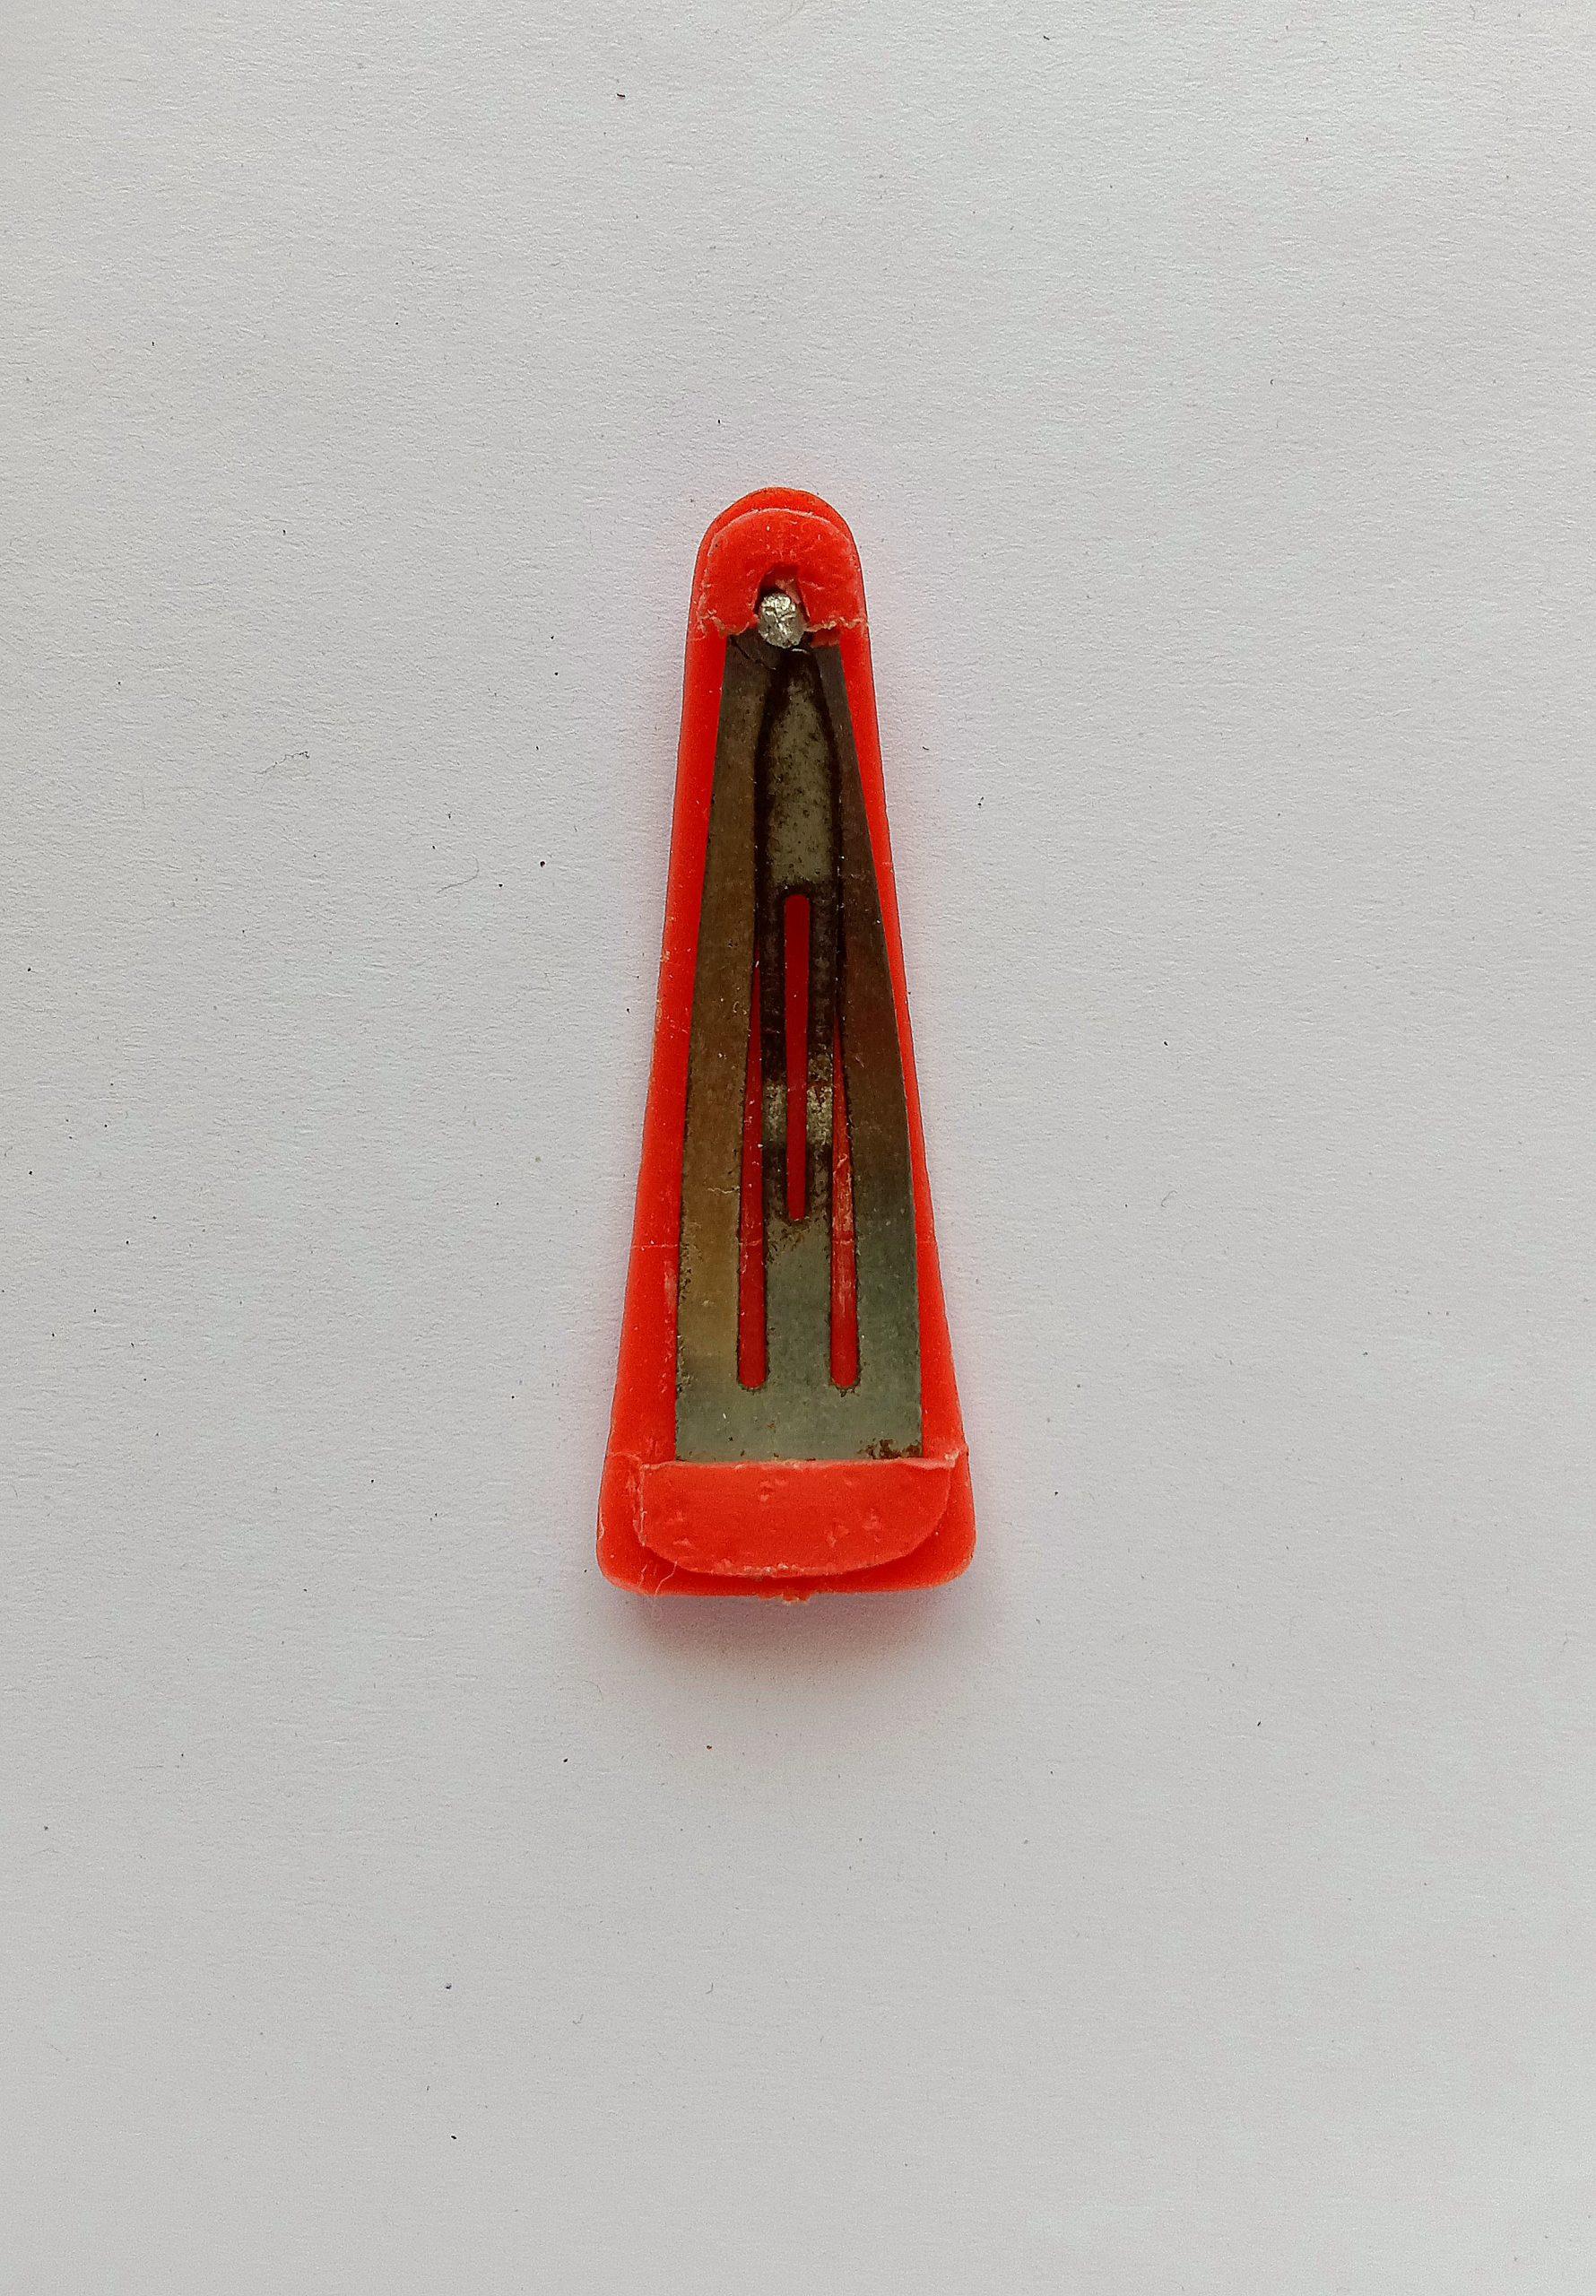 A hair clip